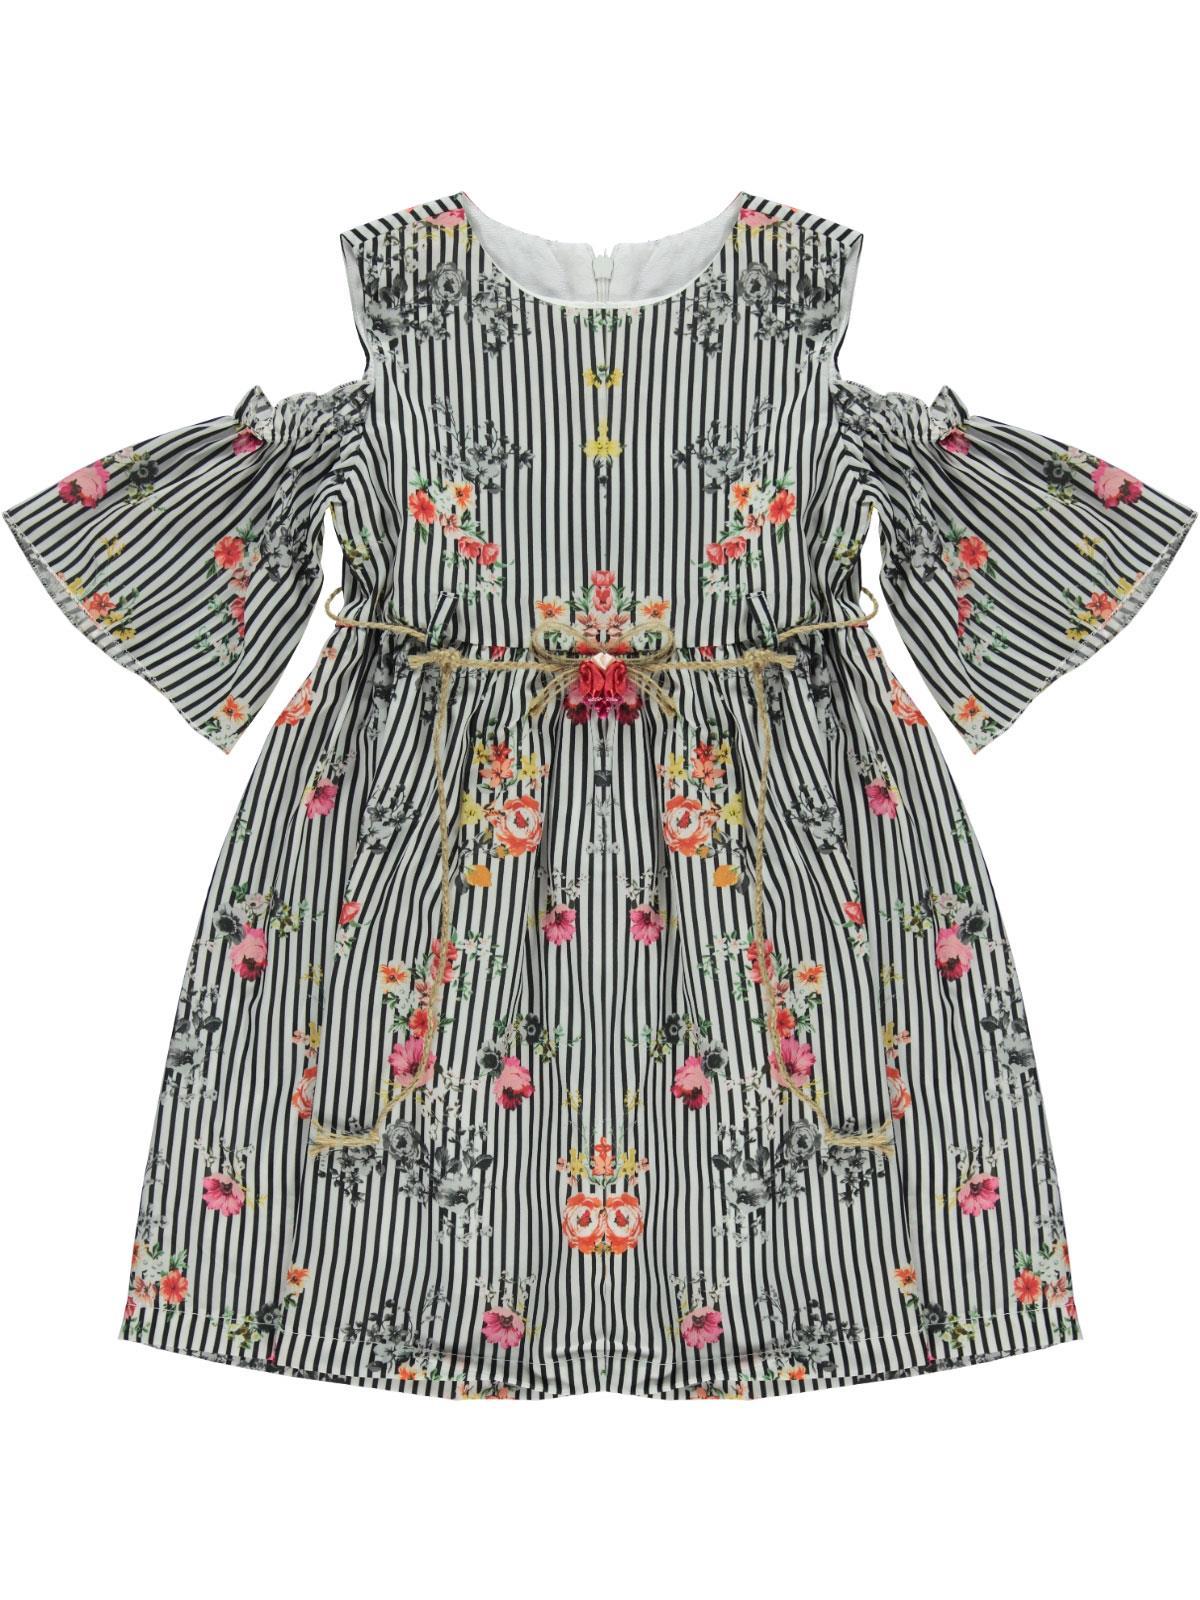 1ba32cdf8c307 5707-1 / LCI Civil Girls Kız Çocuk Elbise 6-9 Yaş Lacivert